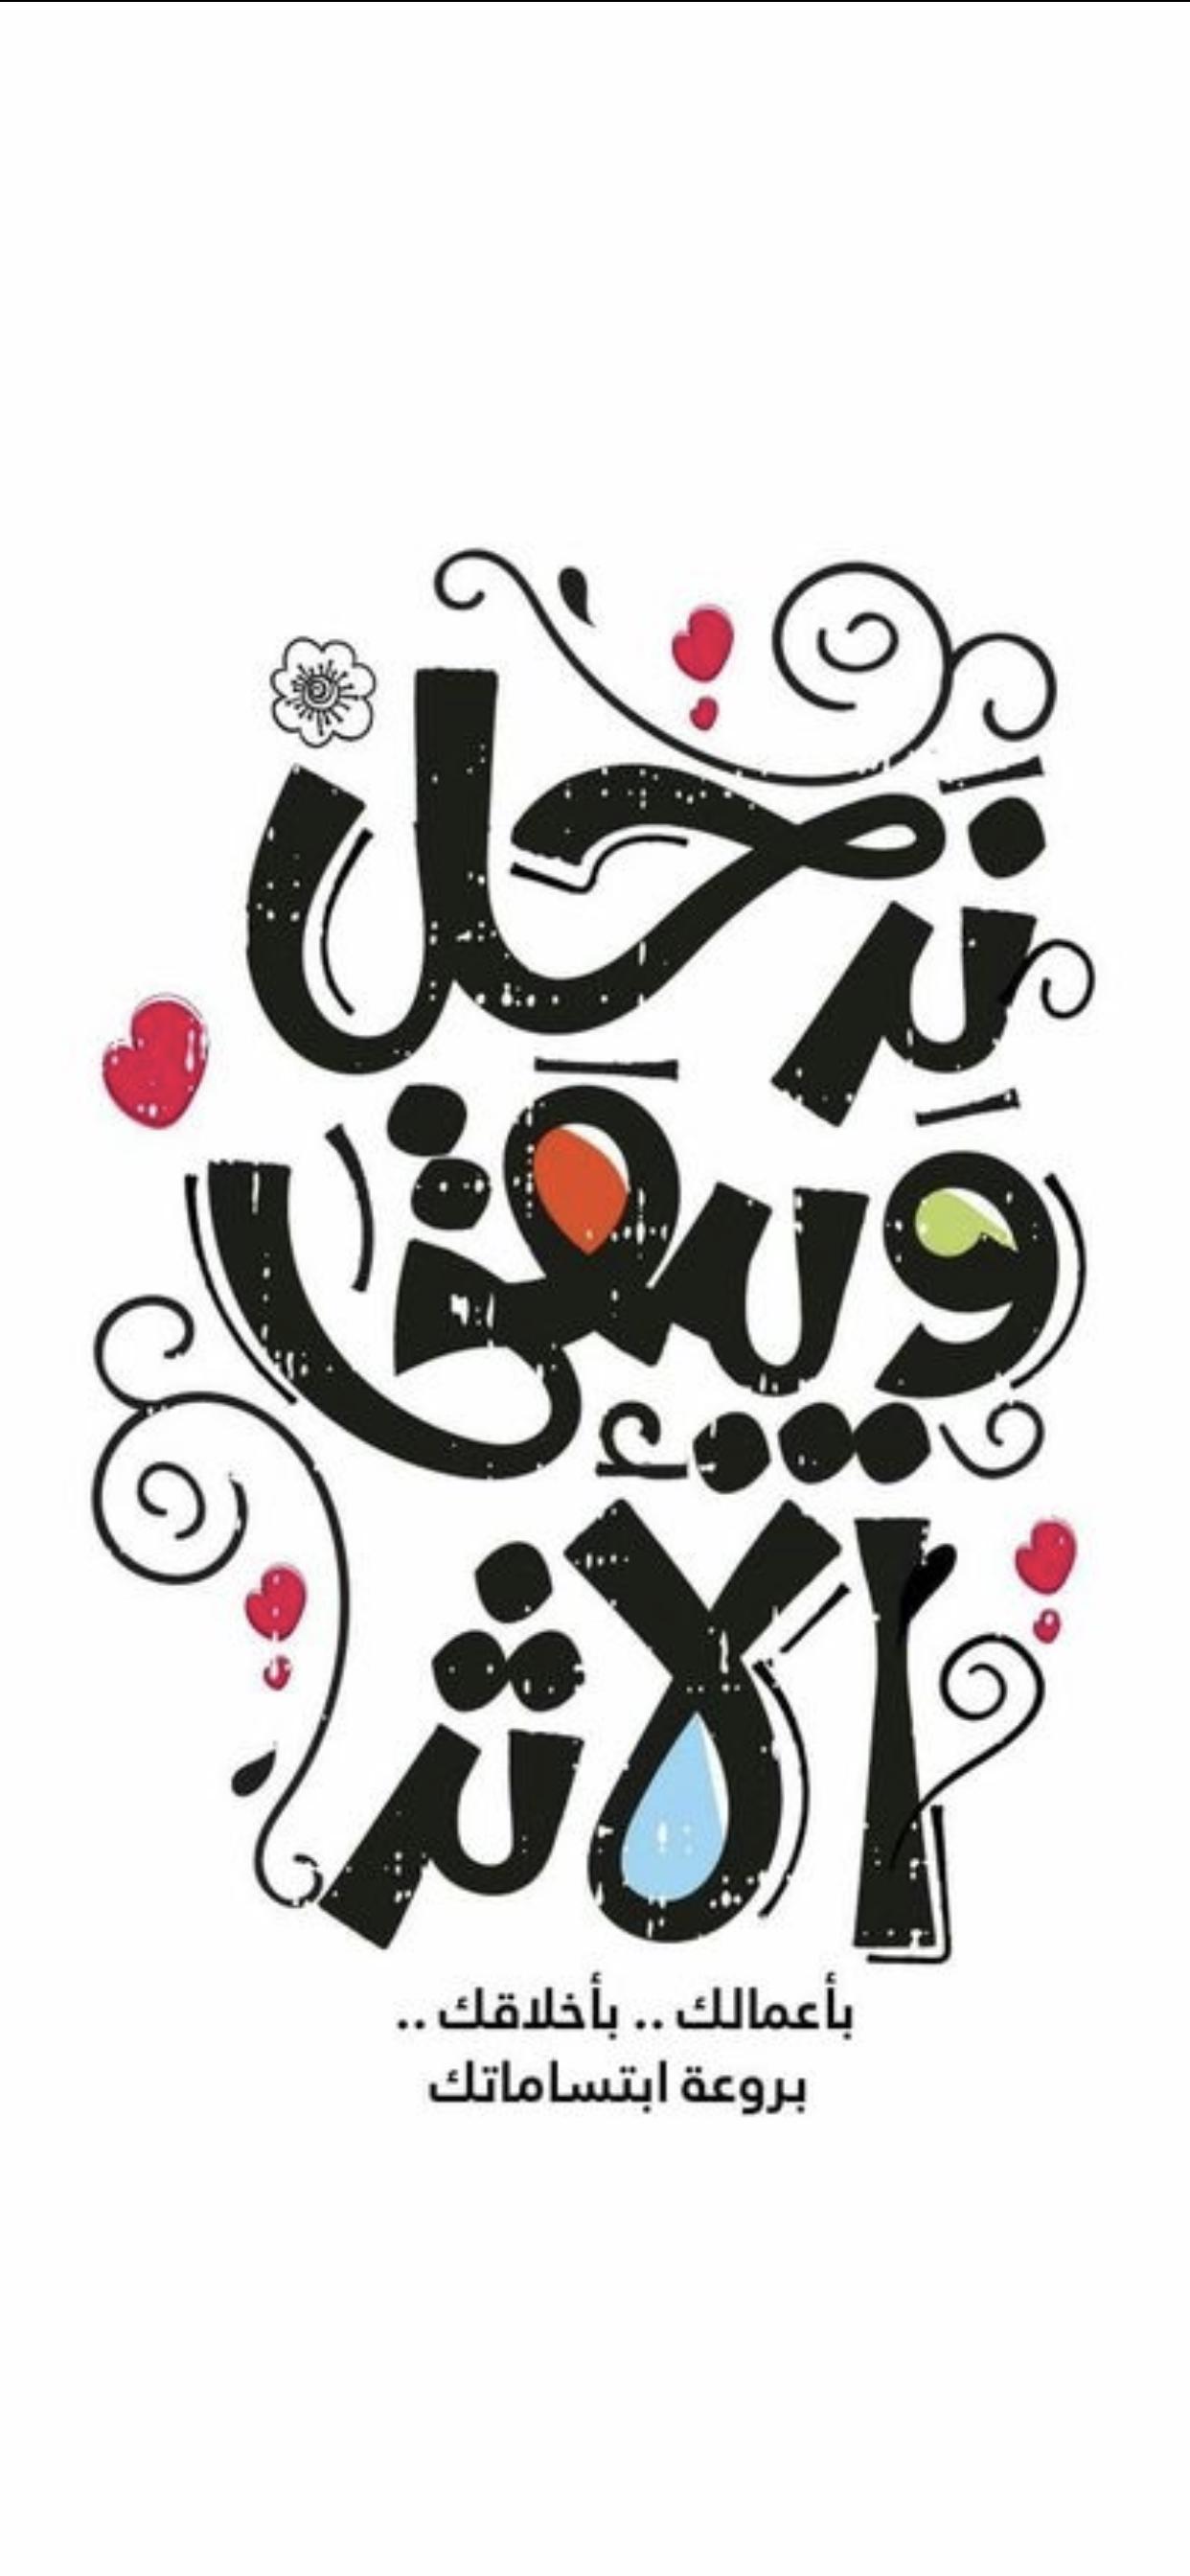 السعوديه الخليج رمضان الشرق الأوسط سناب كويت فايروس كورونا تصميم شعار لوقو دعاء In 2020 Printable Scrapbook Paper Scrapbook Printables Scrapbook Paper